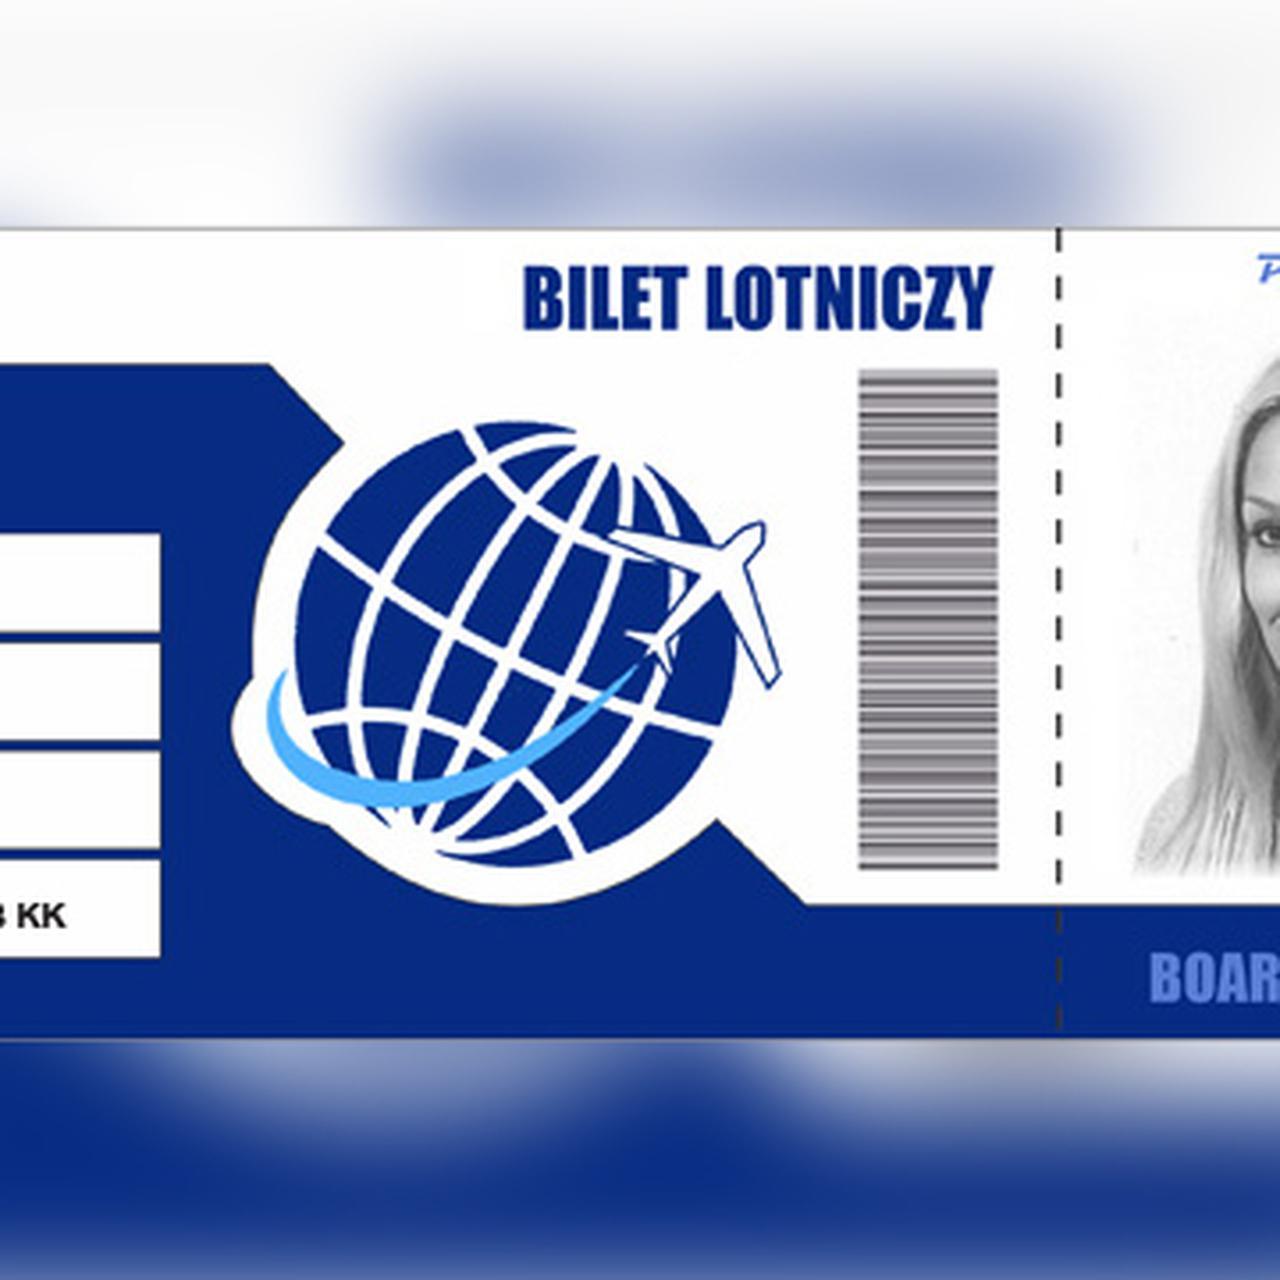 Magdalena Kralka poszukiwana przez policję i Interpol - dostała